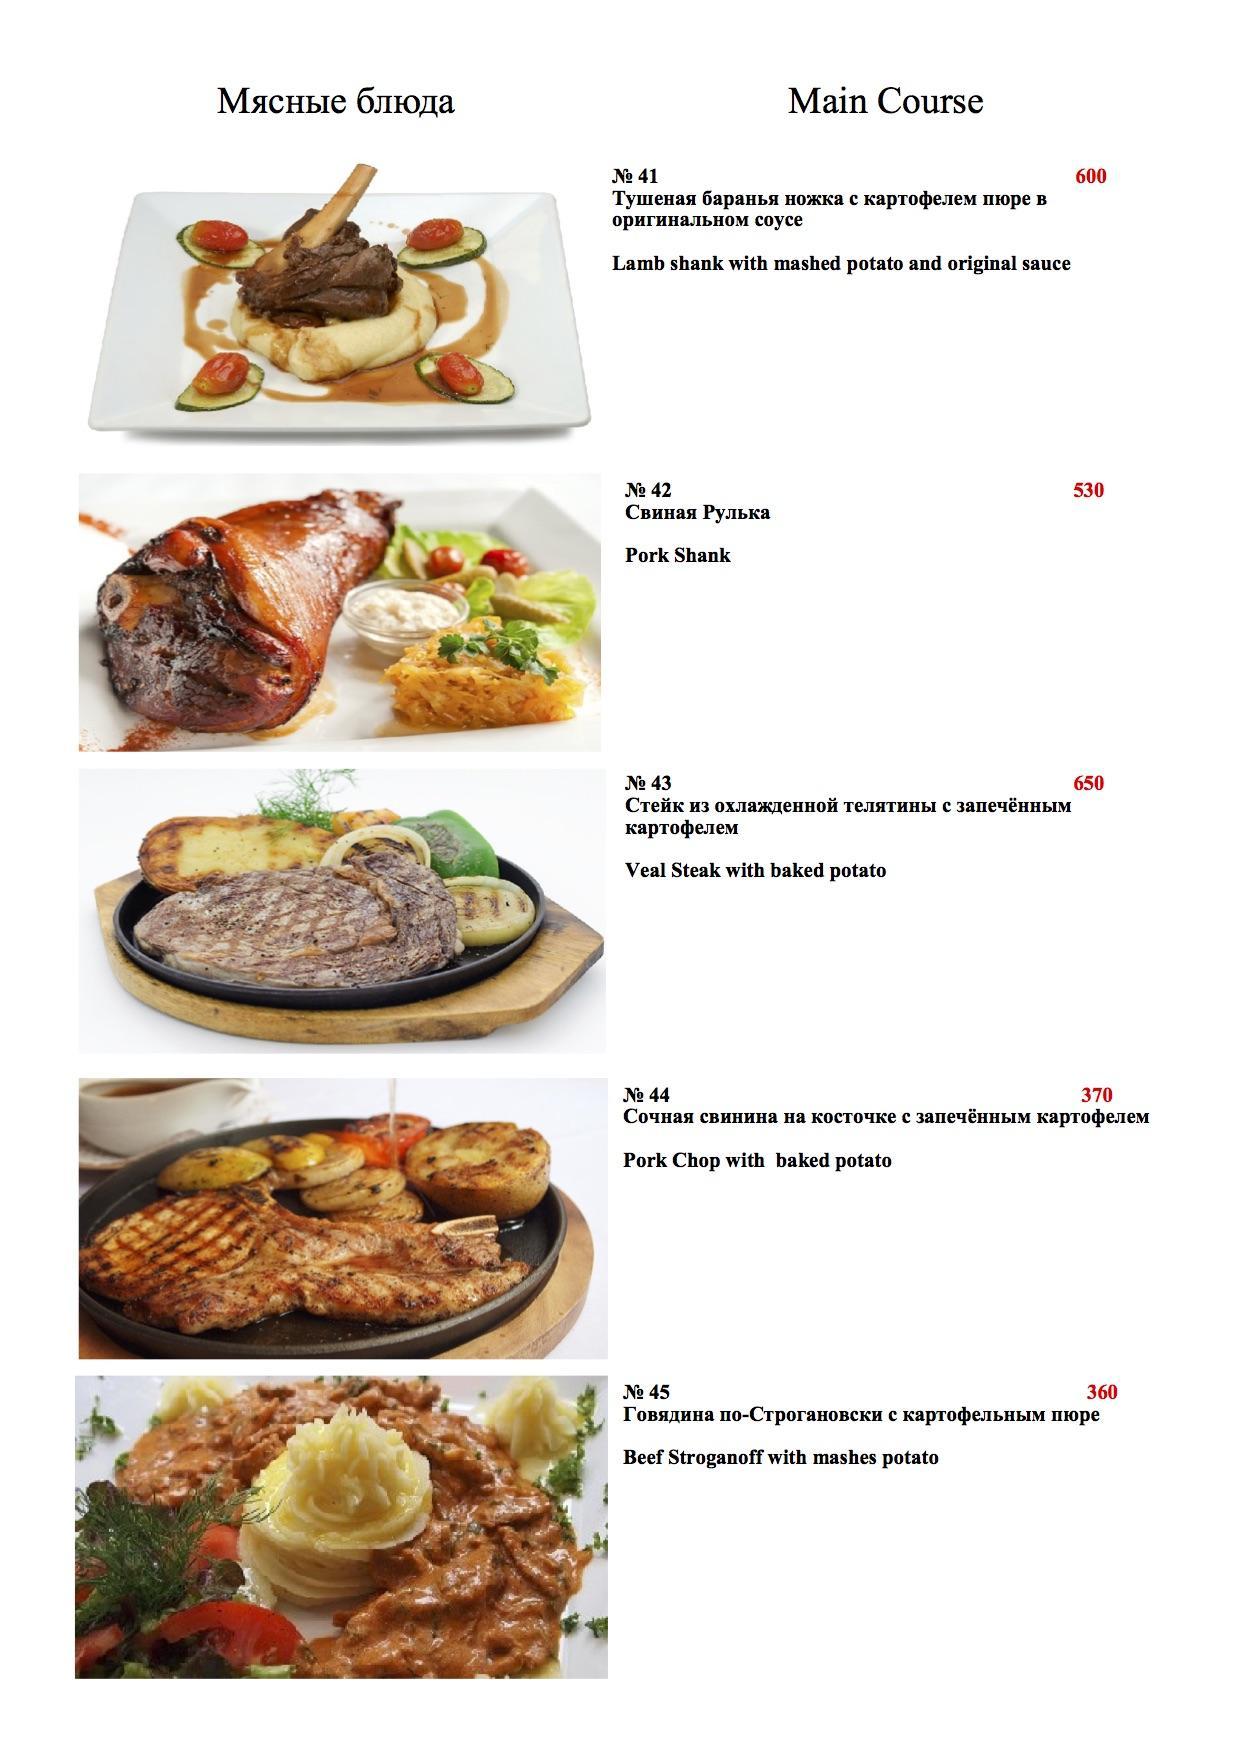 푸켓에서 음식 배달 - 고기 요리